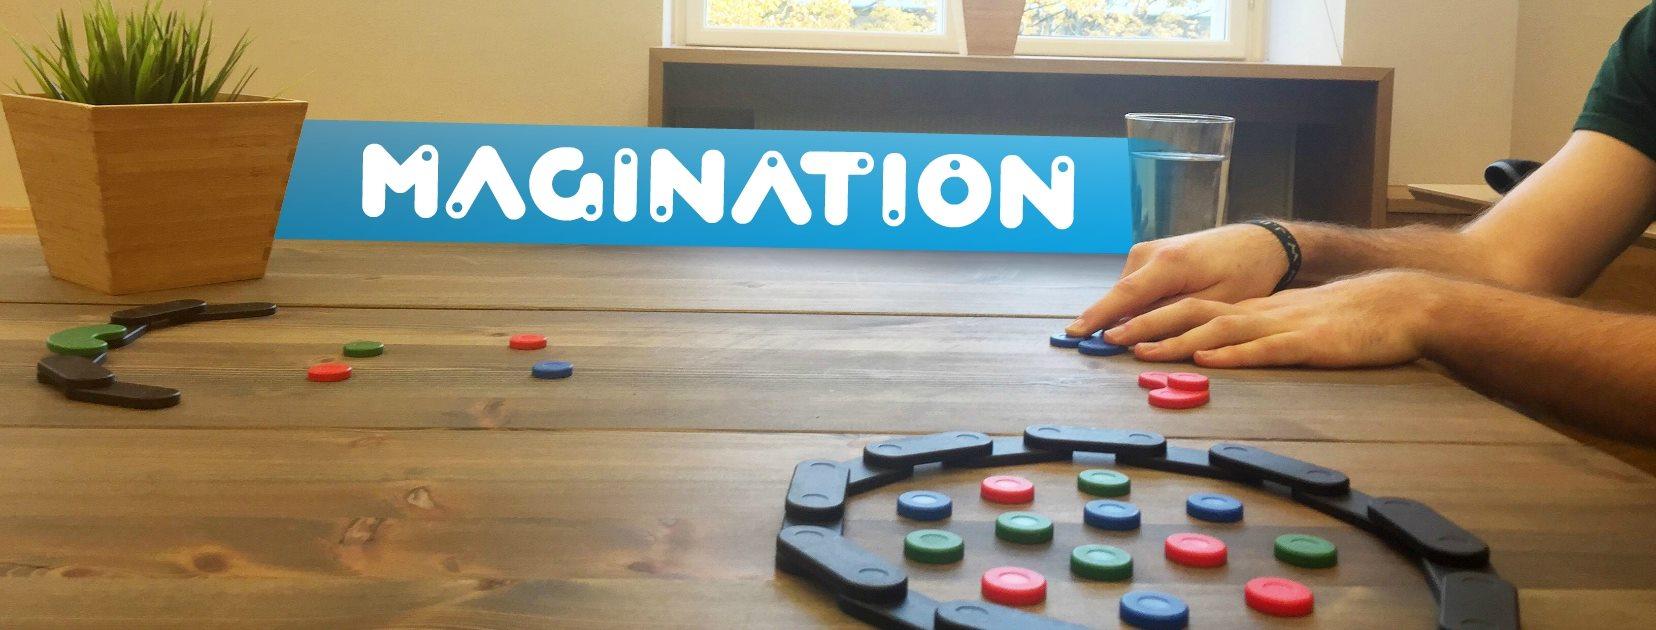 Magination starter sin Kickstarter-kampanje 19. november. Etter at gif-ene gikk viralt på Reddit og Imgur, er interessen på topp.